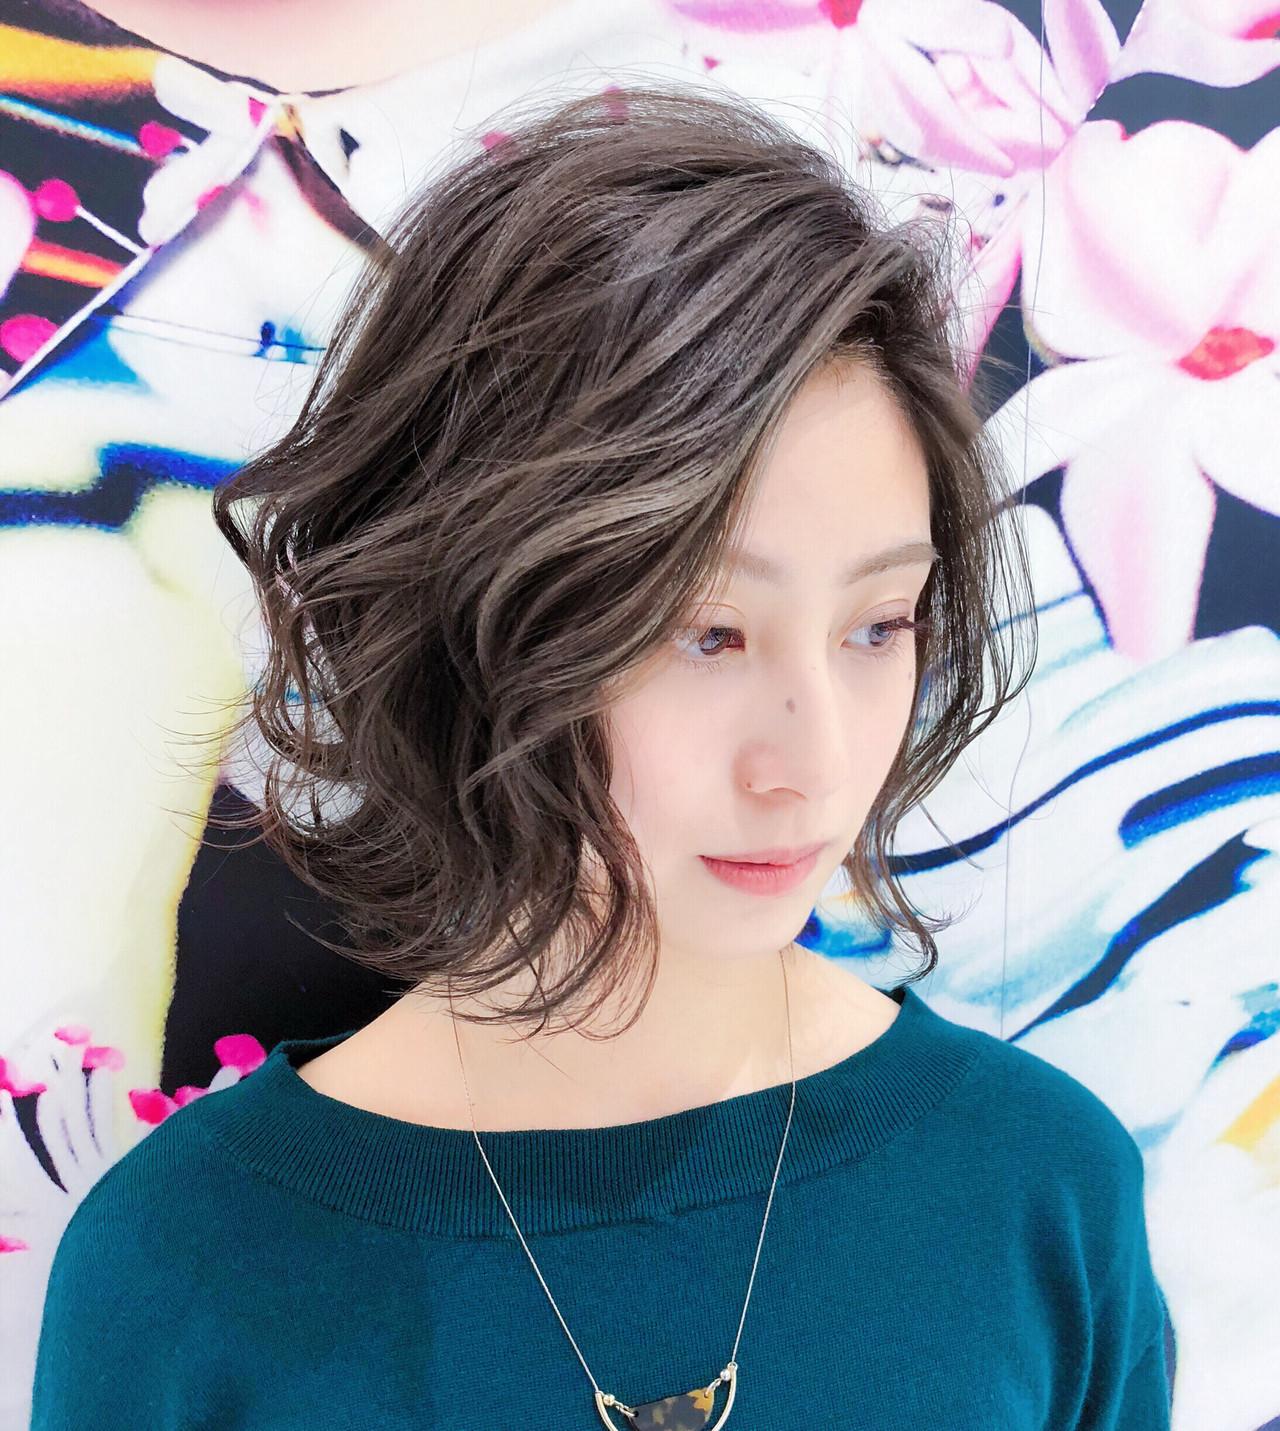 小顔 かき上げ前髪 大人かわいい フェミニン ヘアスタイルや髪型の写真・画像